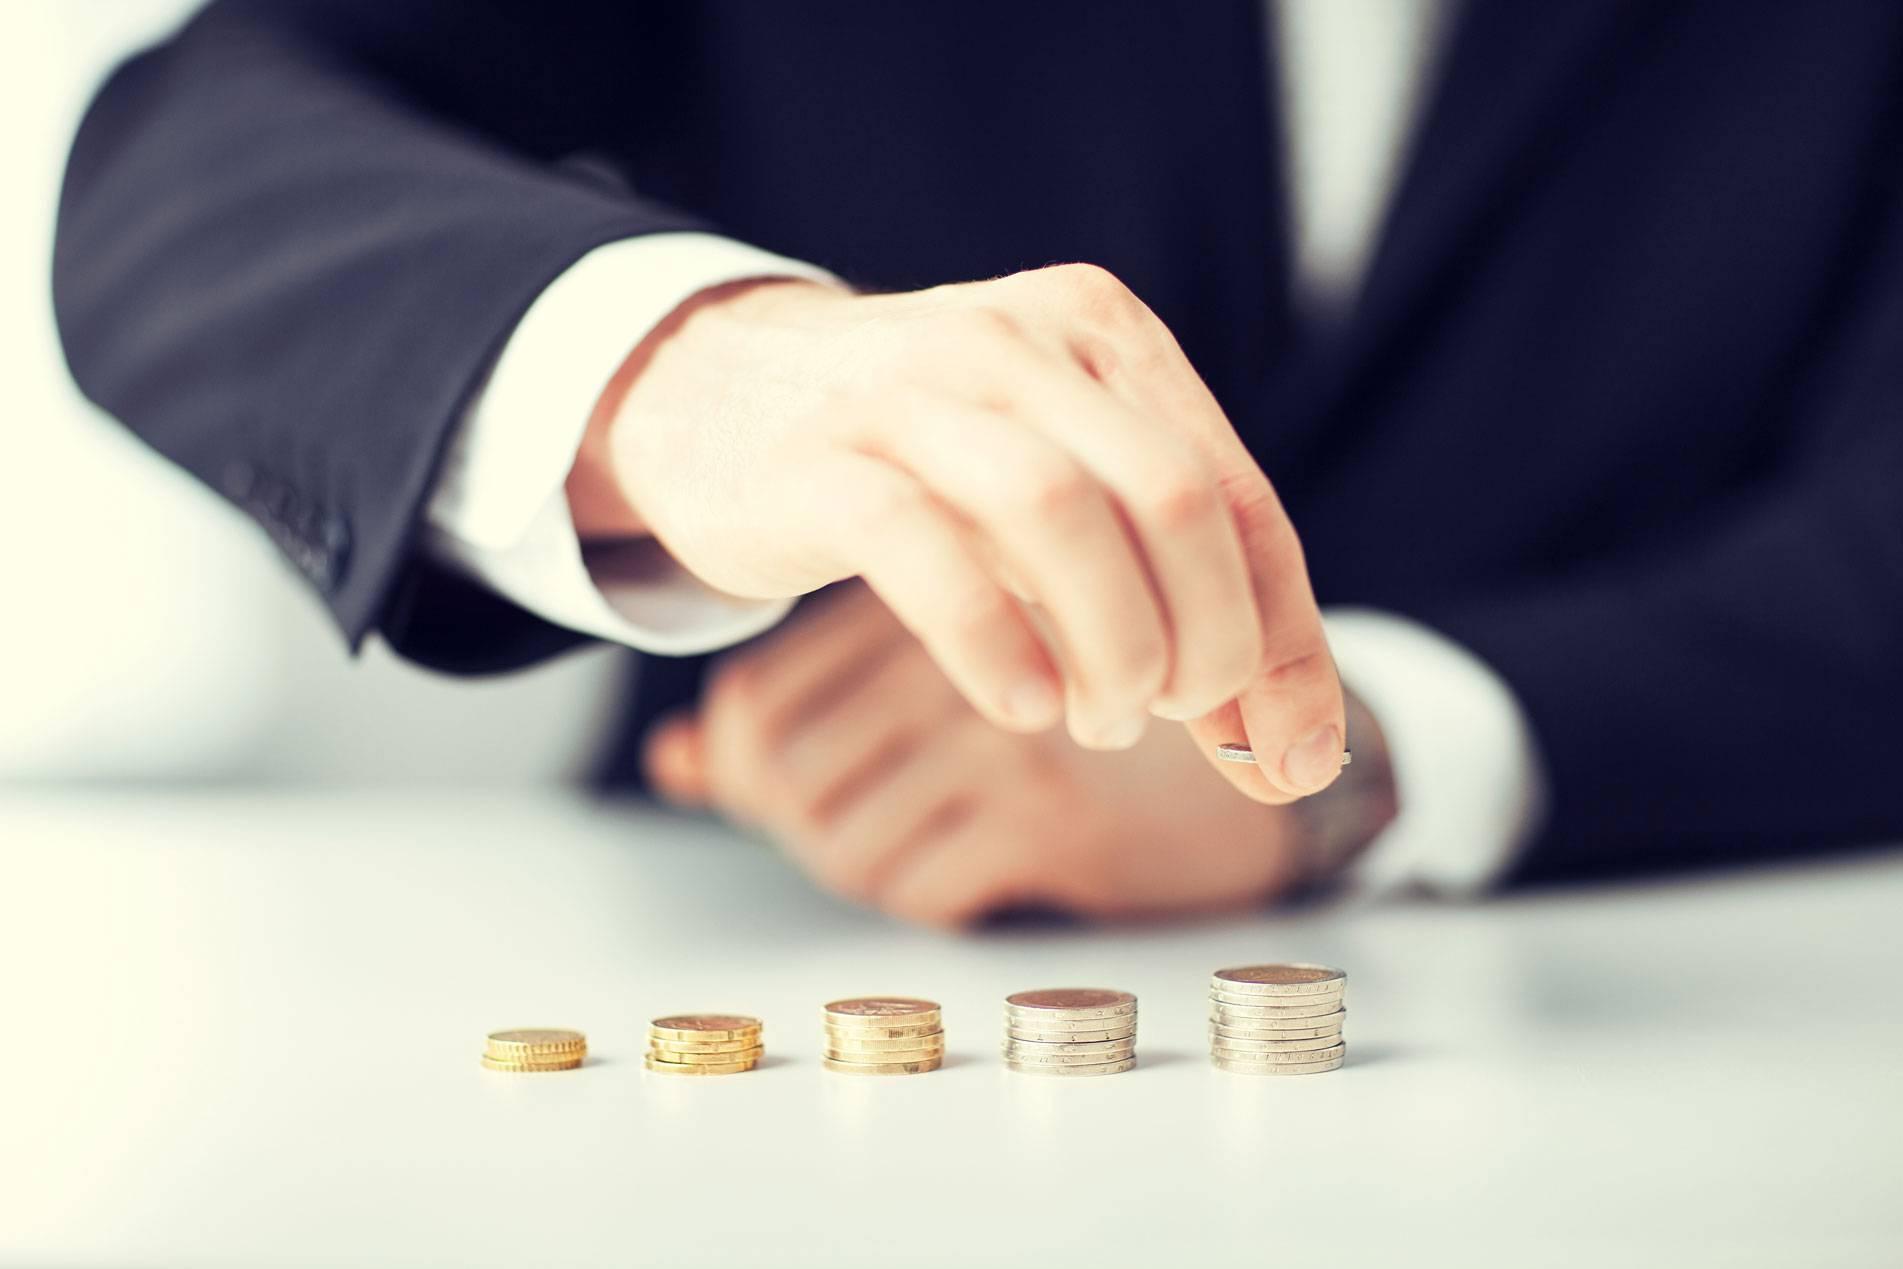 Ingresos pasivos: ¿Qué puedo esperar de los fondos de inversión?